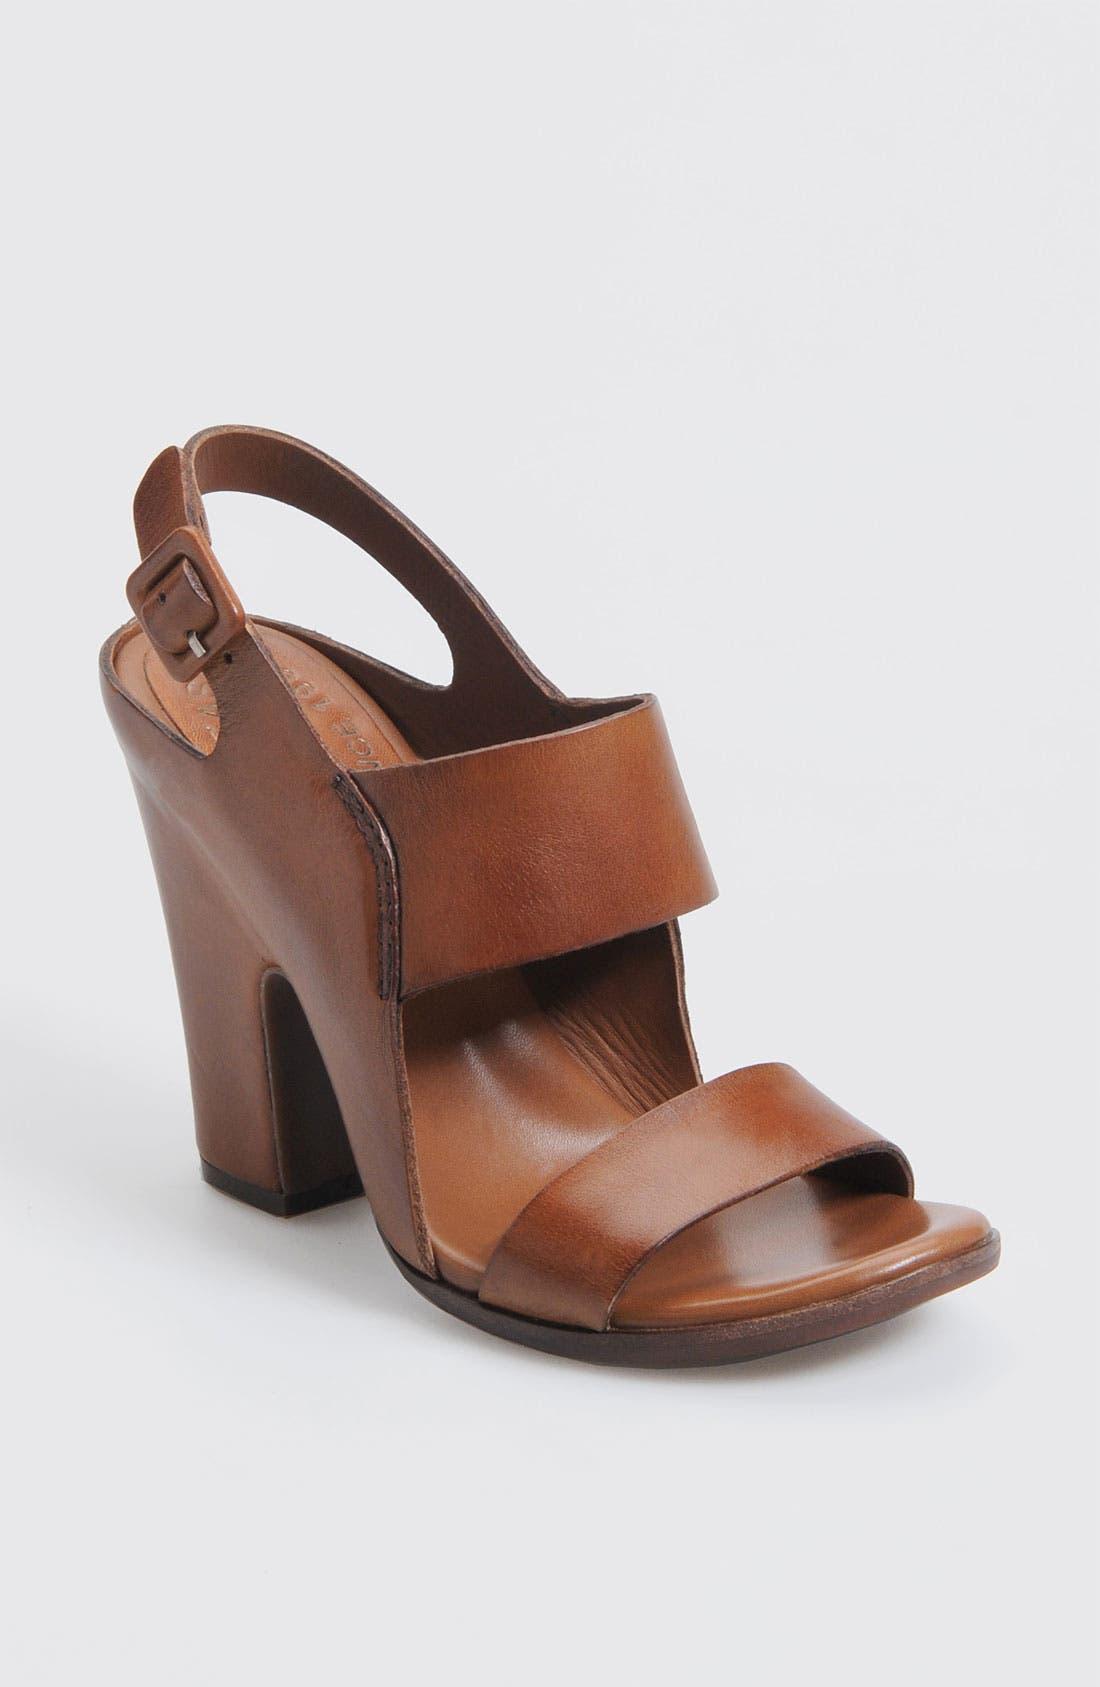 Main Image - Kork-Ease 'Sloane' Sandal